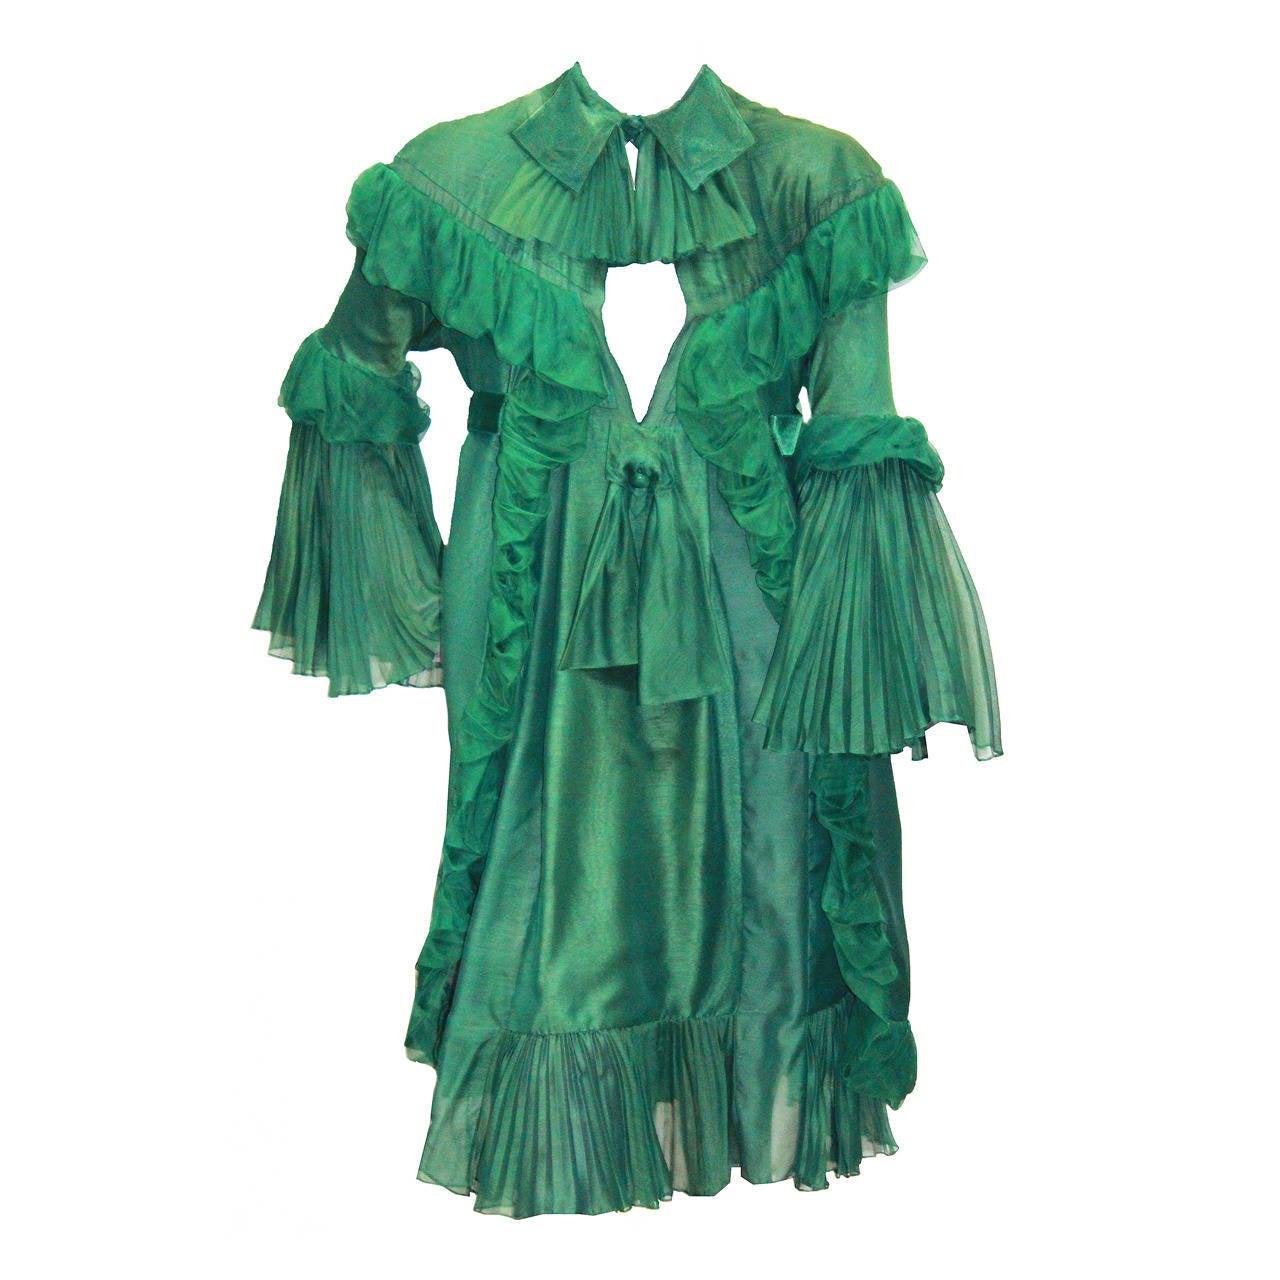 Exquisite Evening Dresses 83